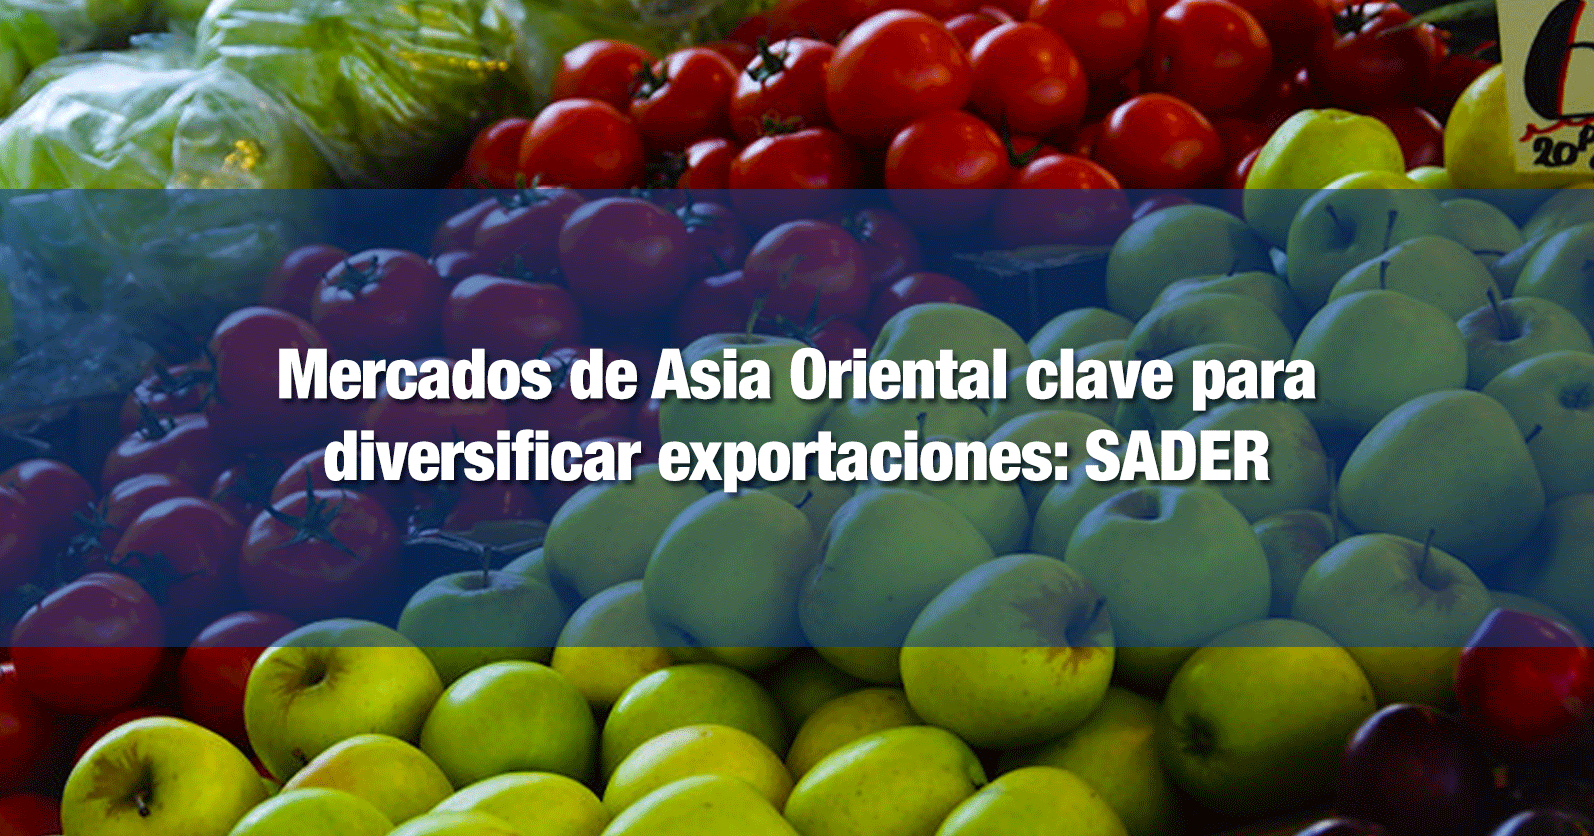 Mercados de Asia Oriental clave para diversificar exportaciones: SADER